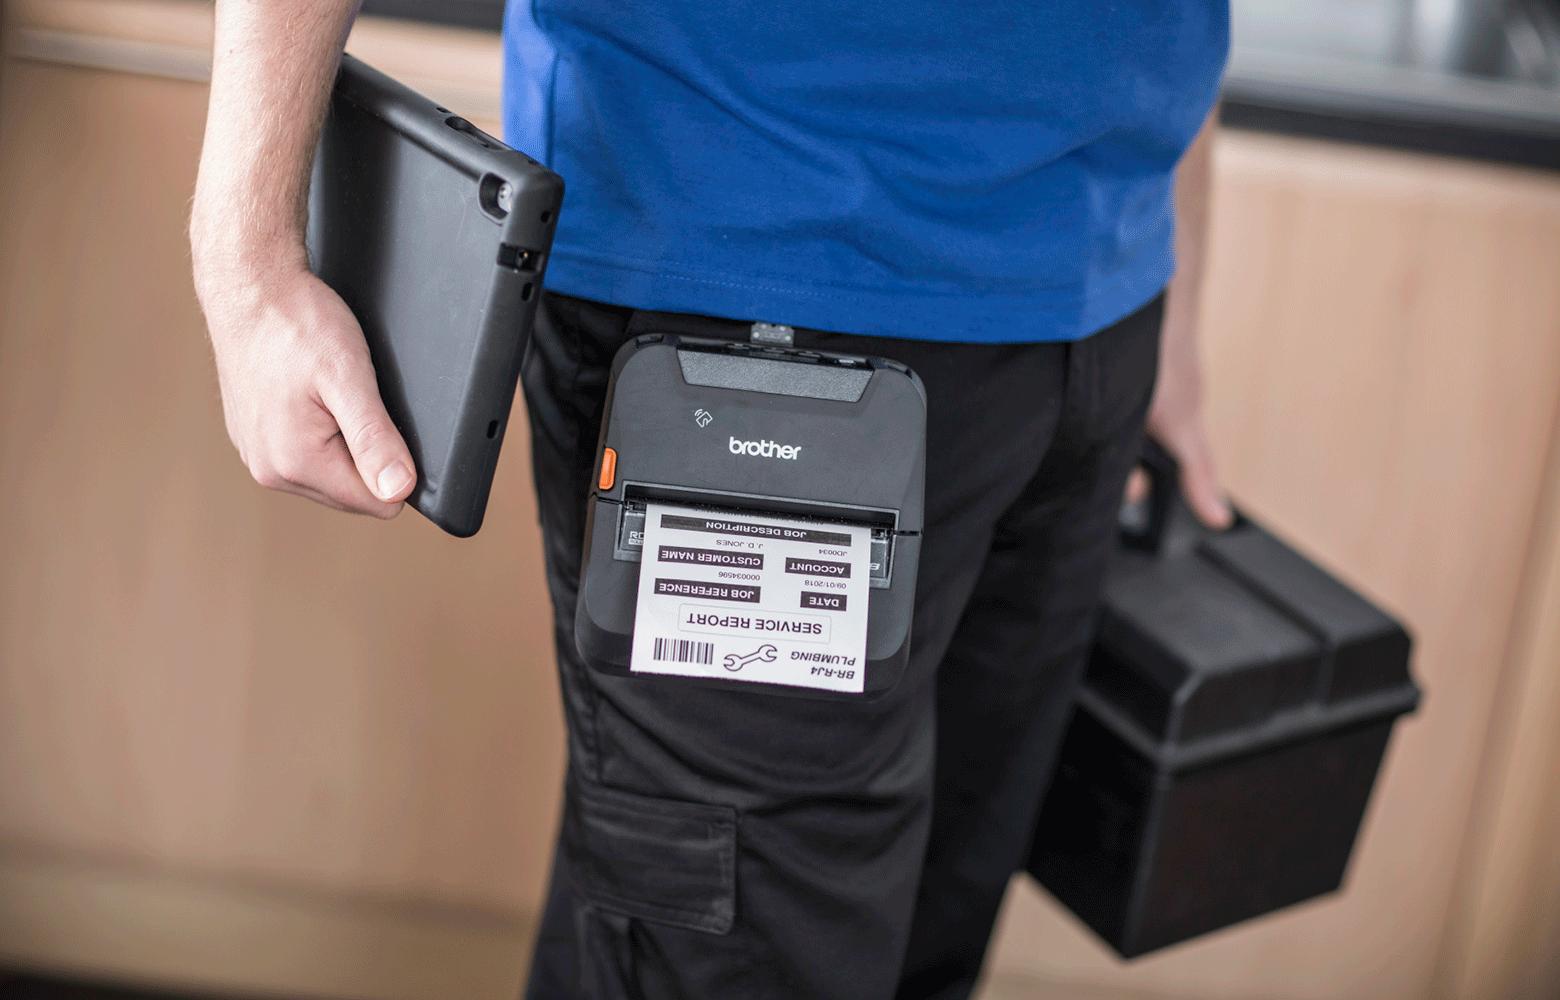 Работник в синя тениска, държи кутия за инструменти, таблет и RJ принтер с щипка за колан